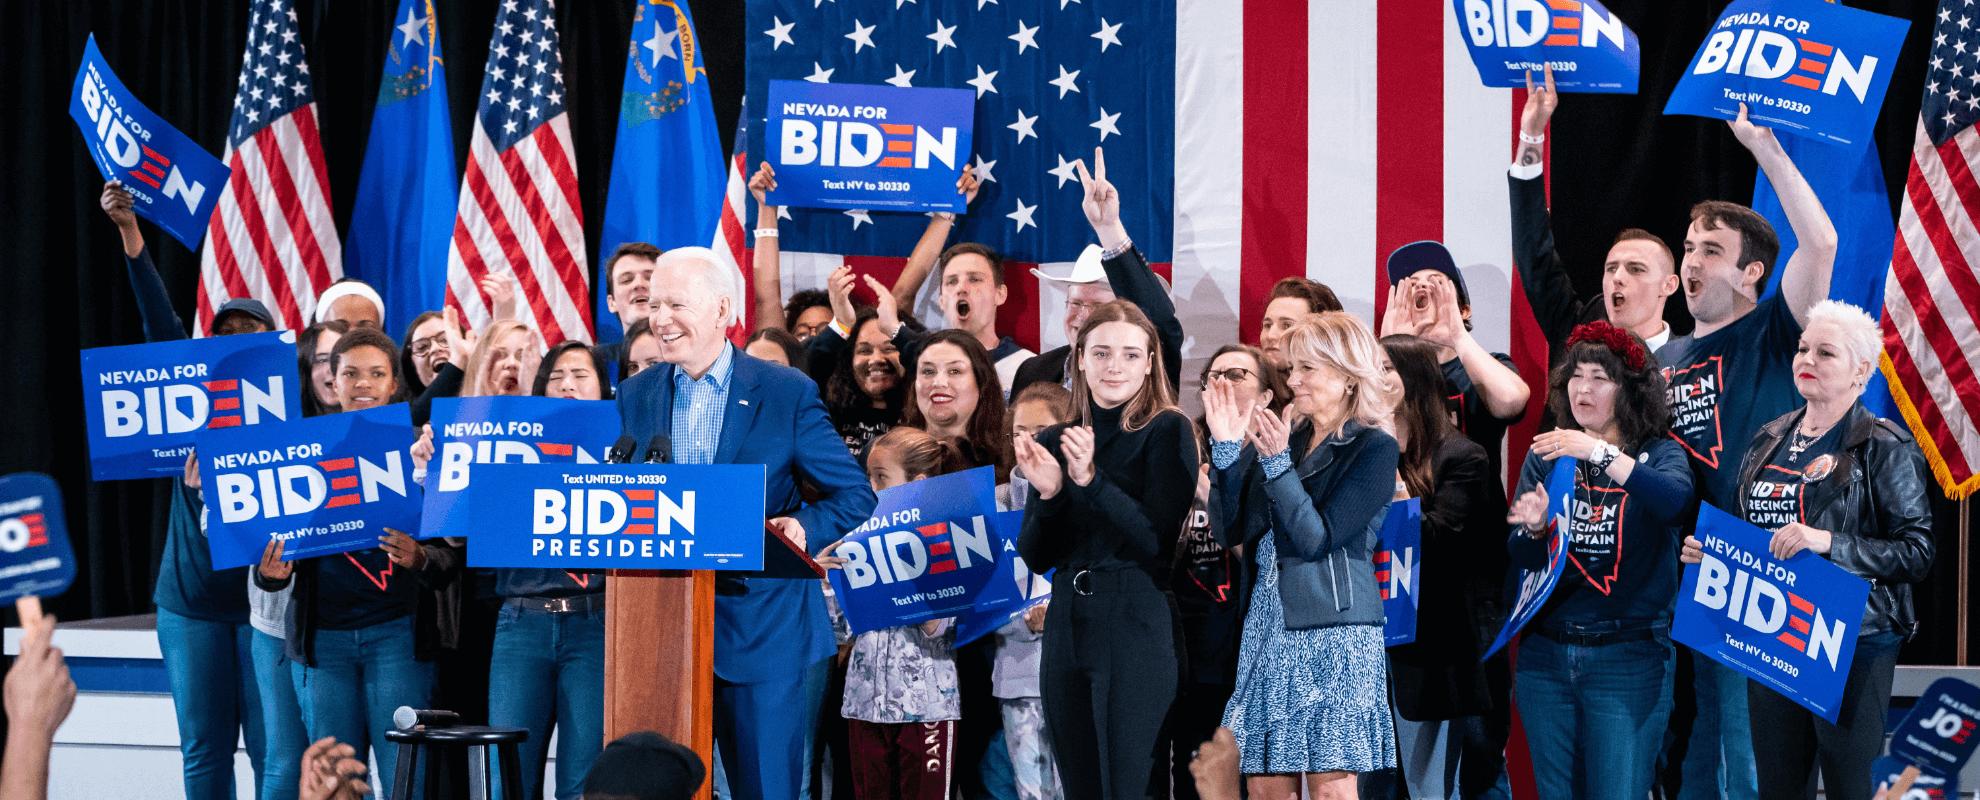 Joe Biden bei einer Wahlkampfveranstaltung in Nevada.